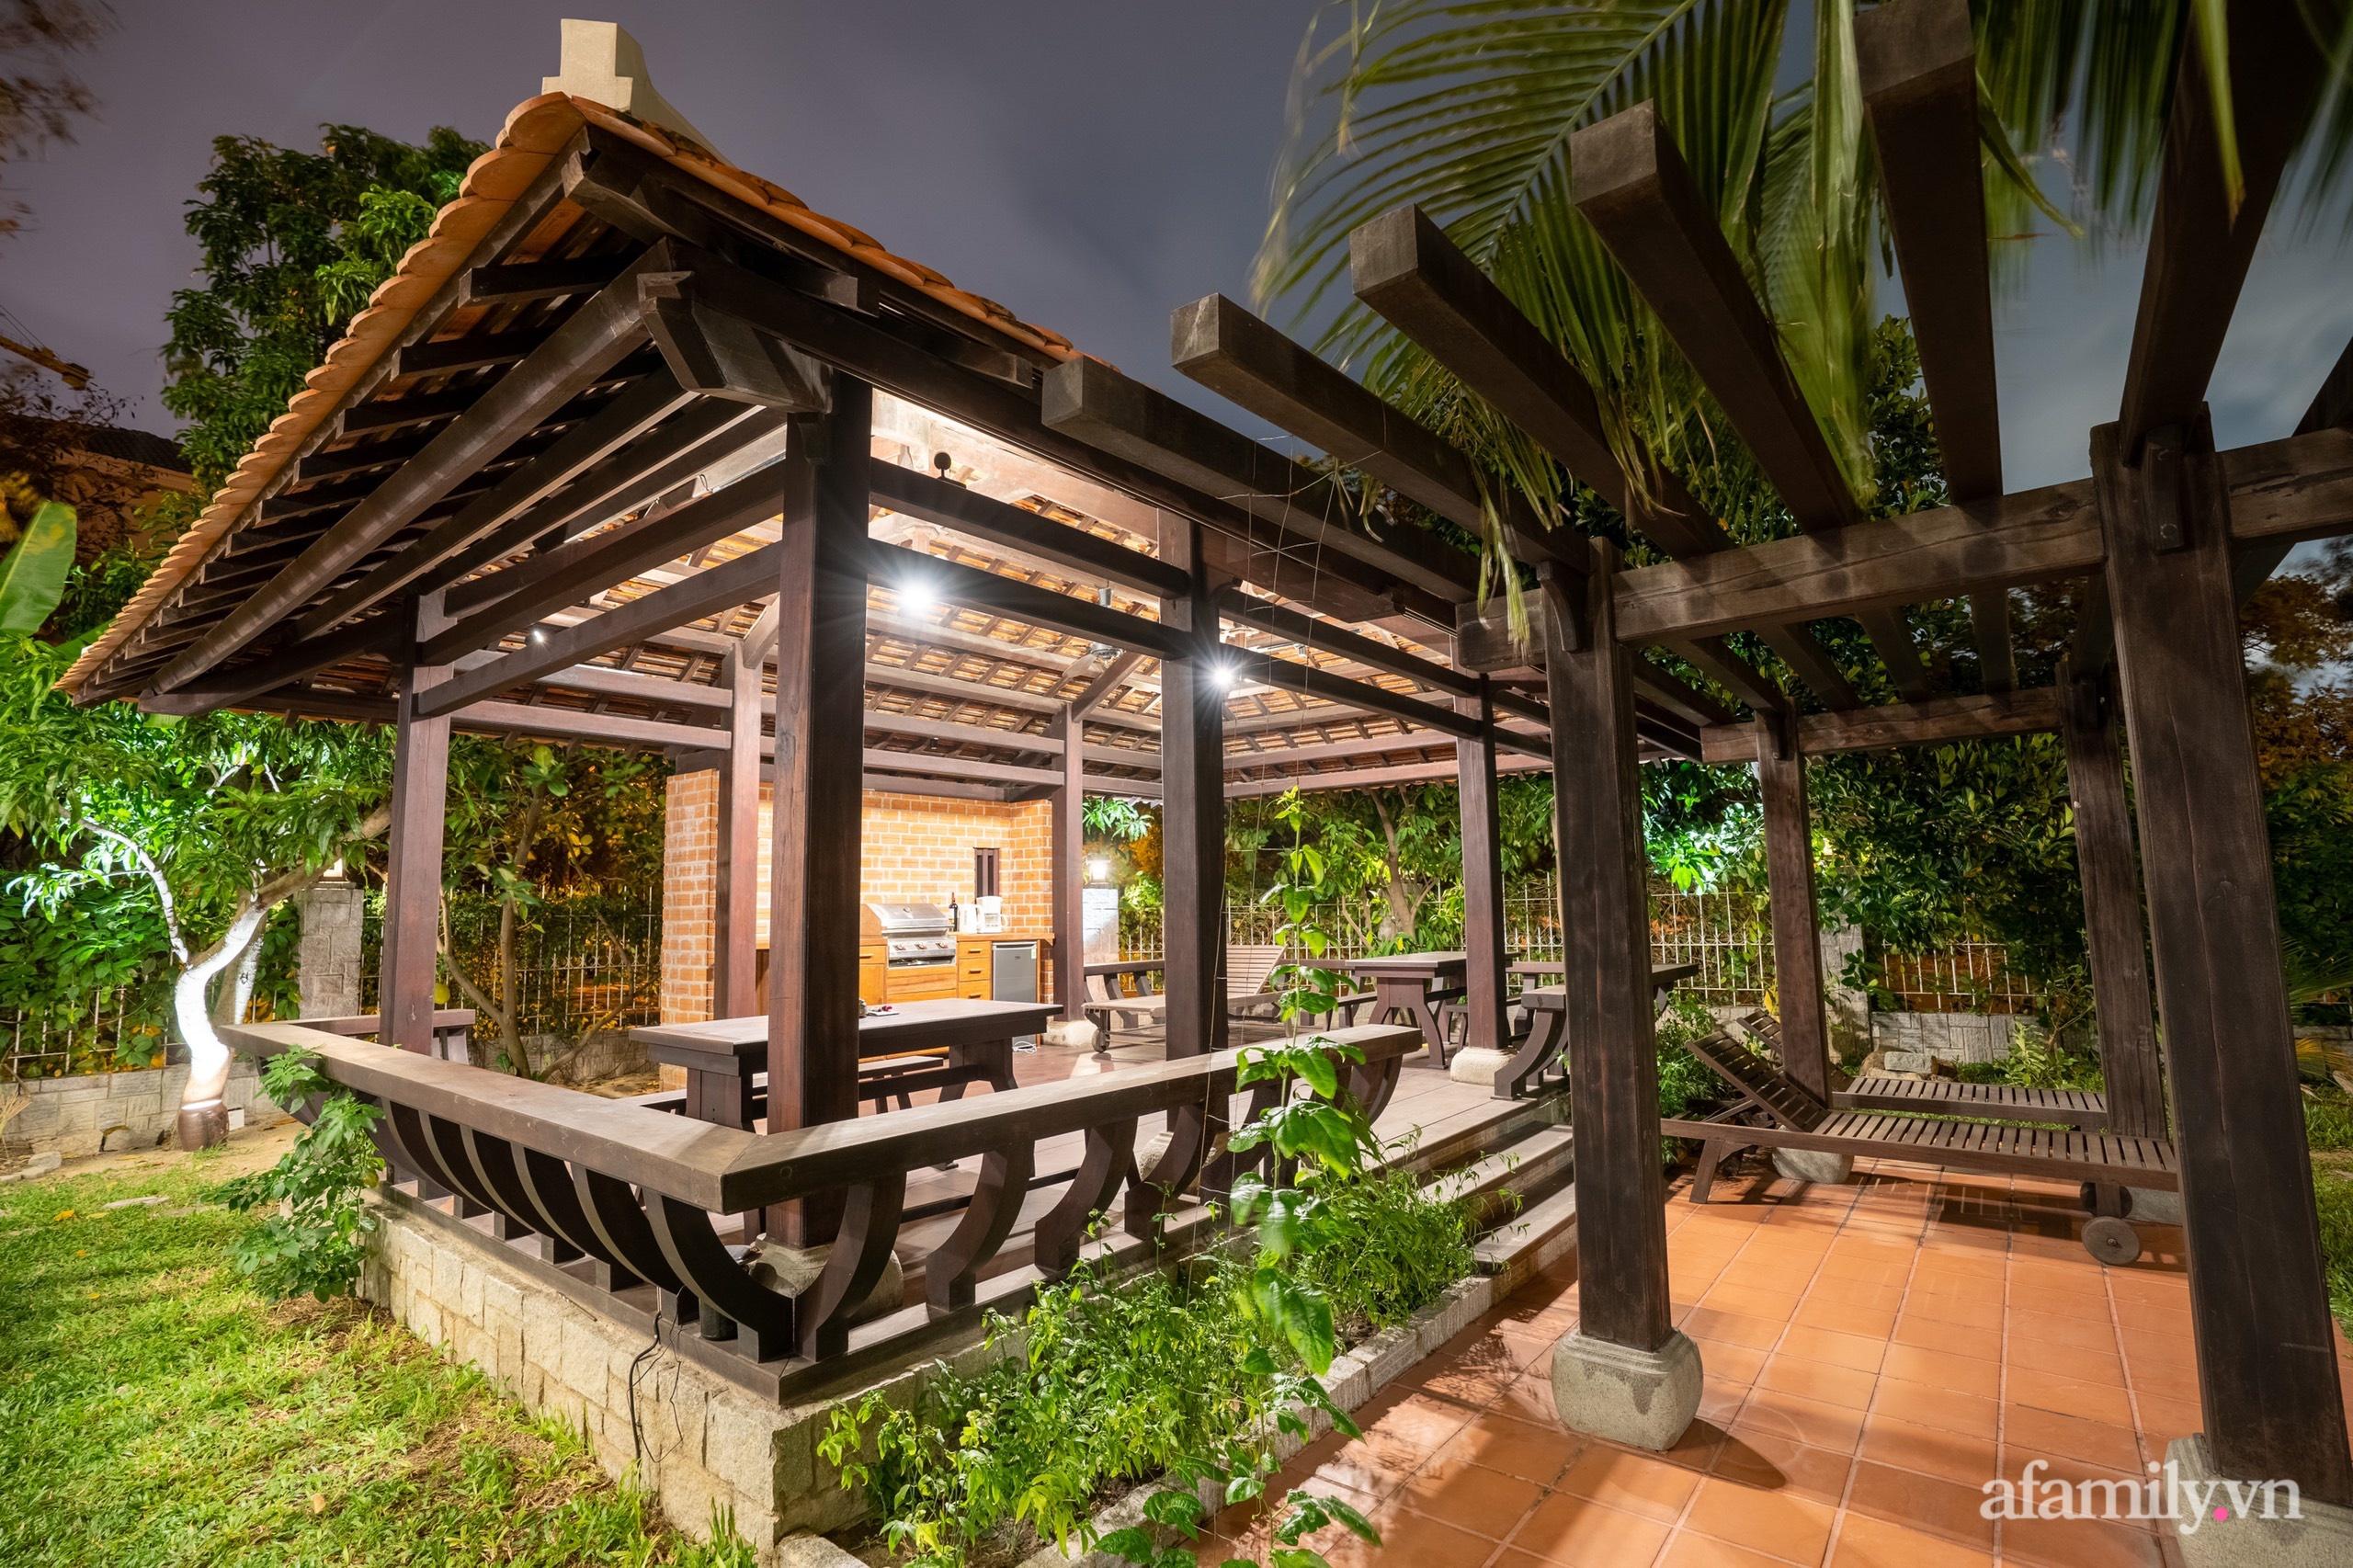 Căn nhà vườn xây 10 năm vẫn đẹp hút mắt với nội thất gỗ và cây xanh quanh nhà ở Nha Trang-5